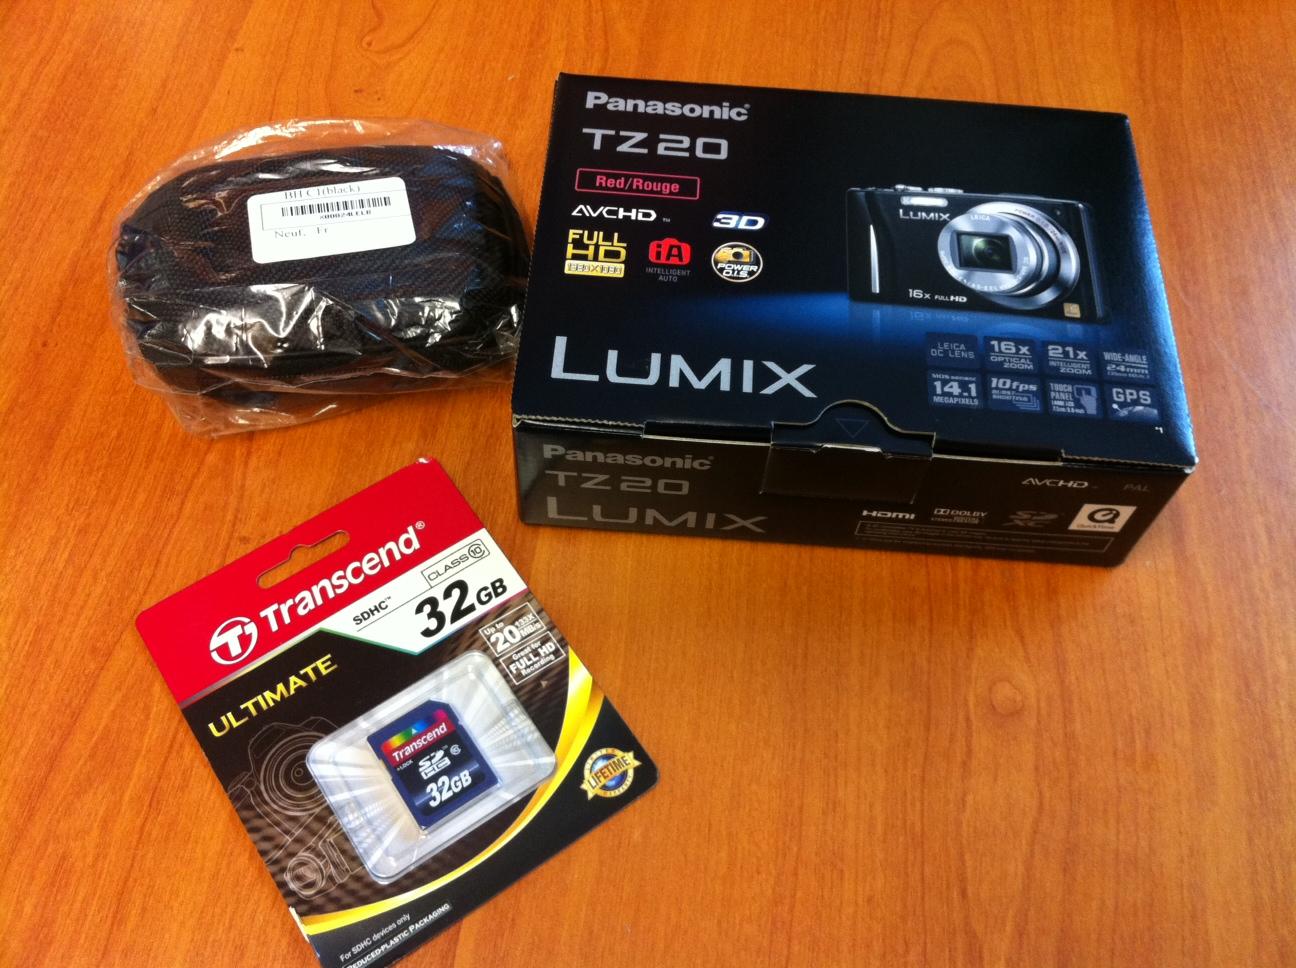 Achat panasonic lumix tz20 blog de sundvold for Changer ecran appareil photo lumix